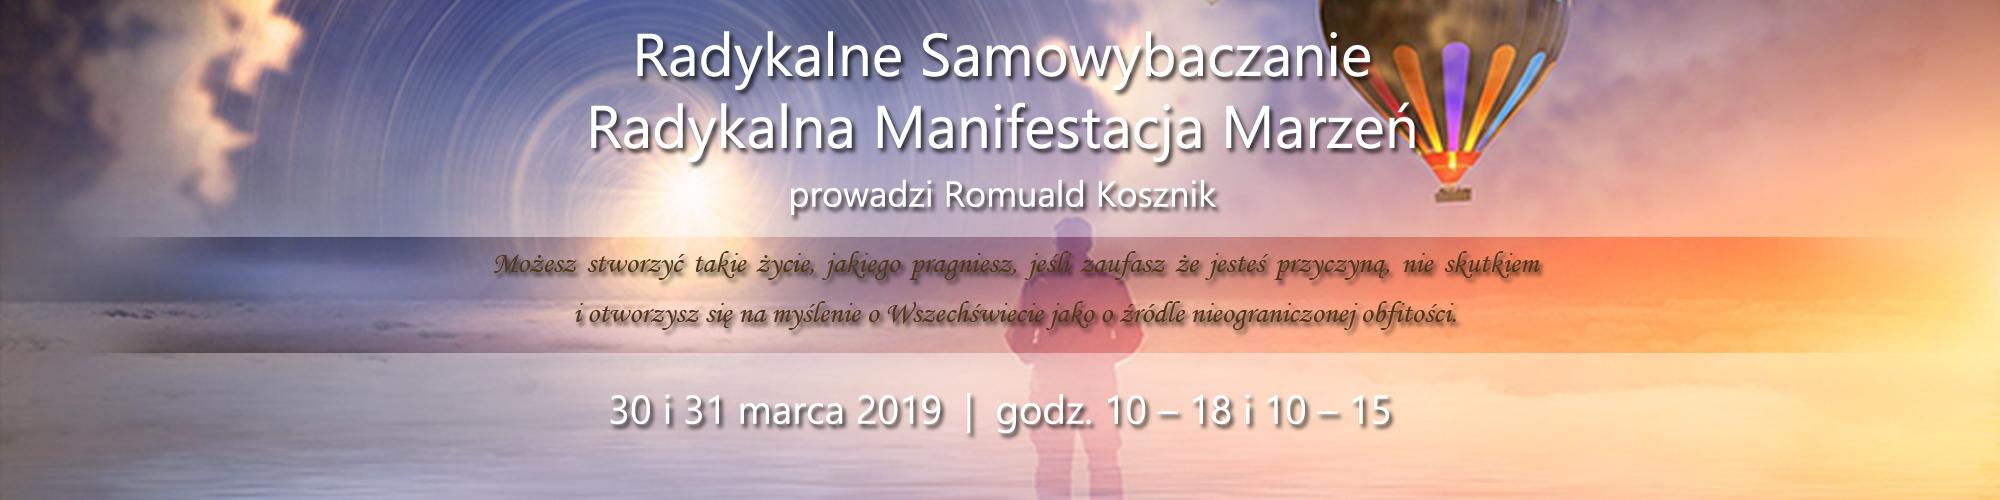 manifestacjamarzen-banner